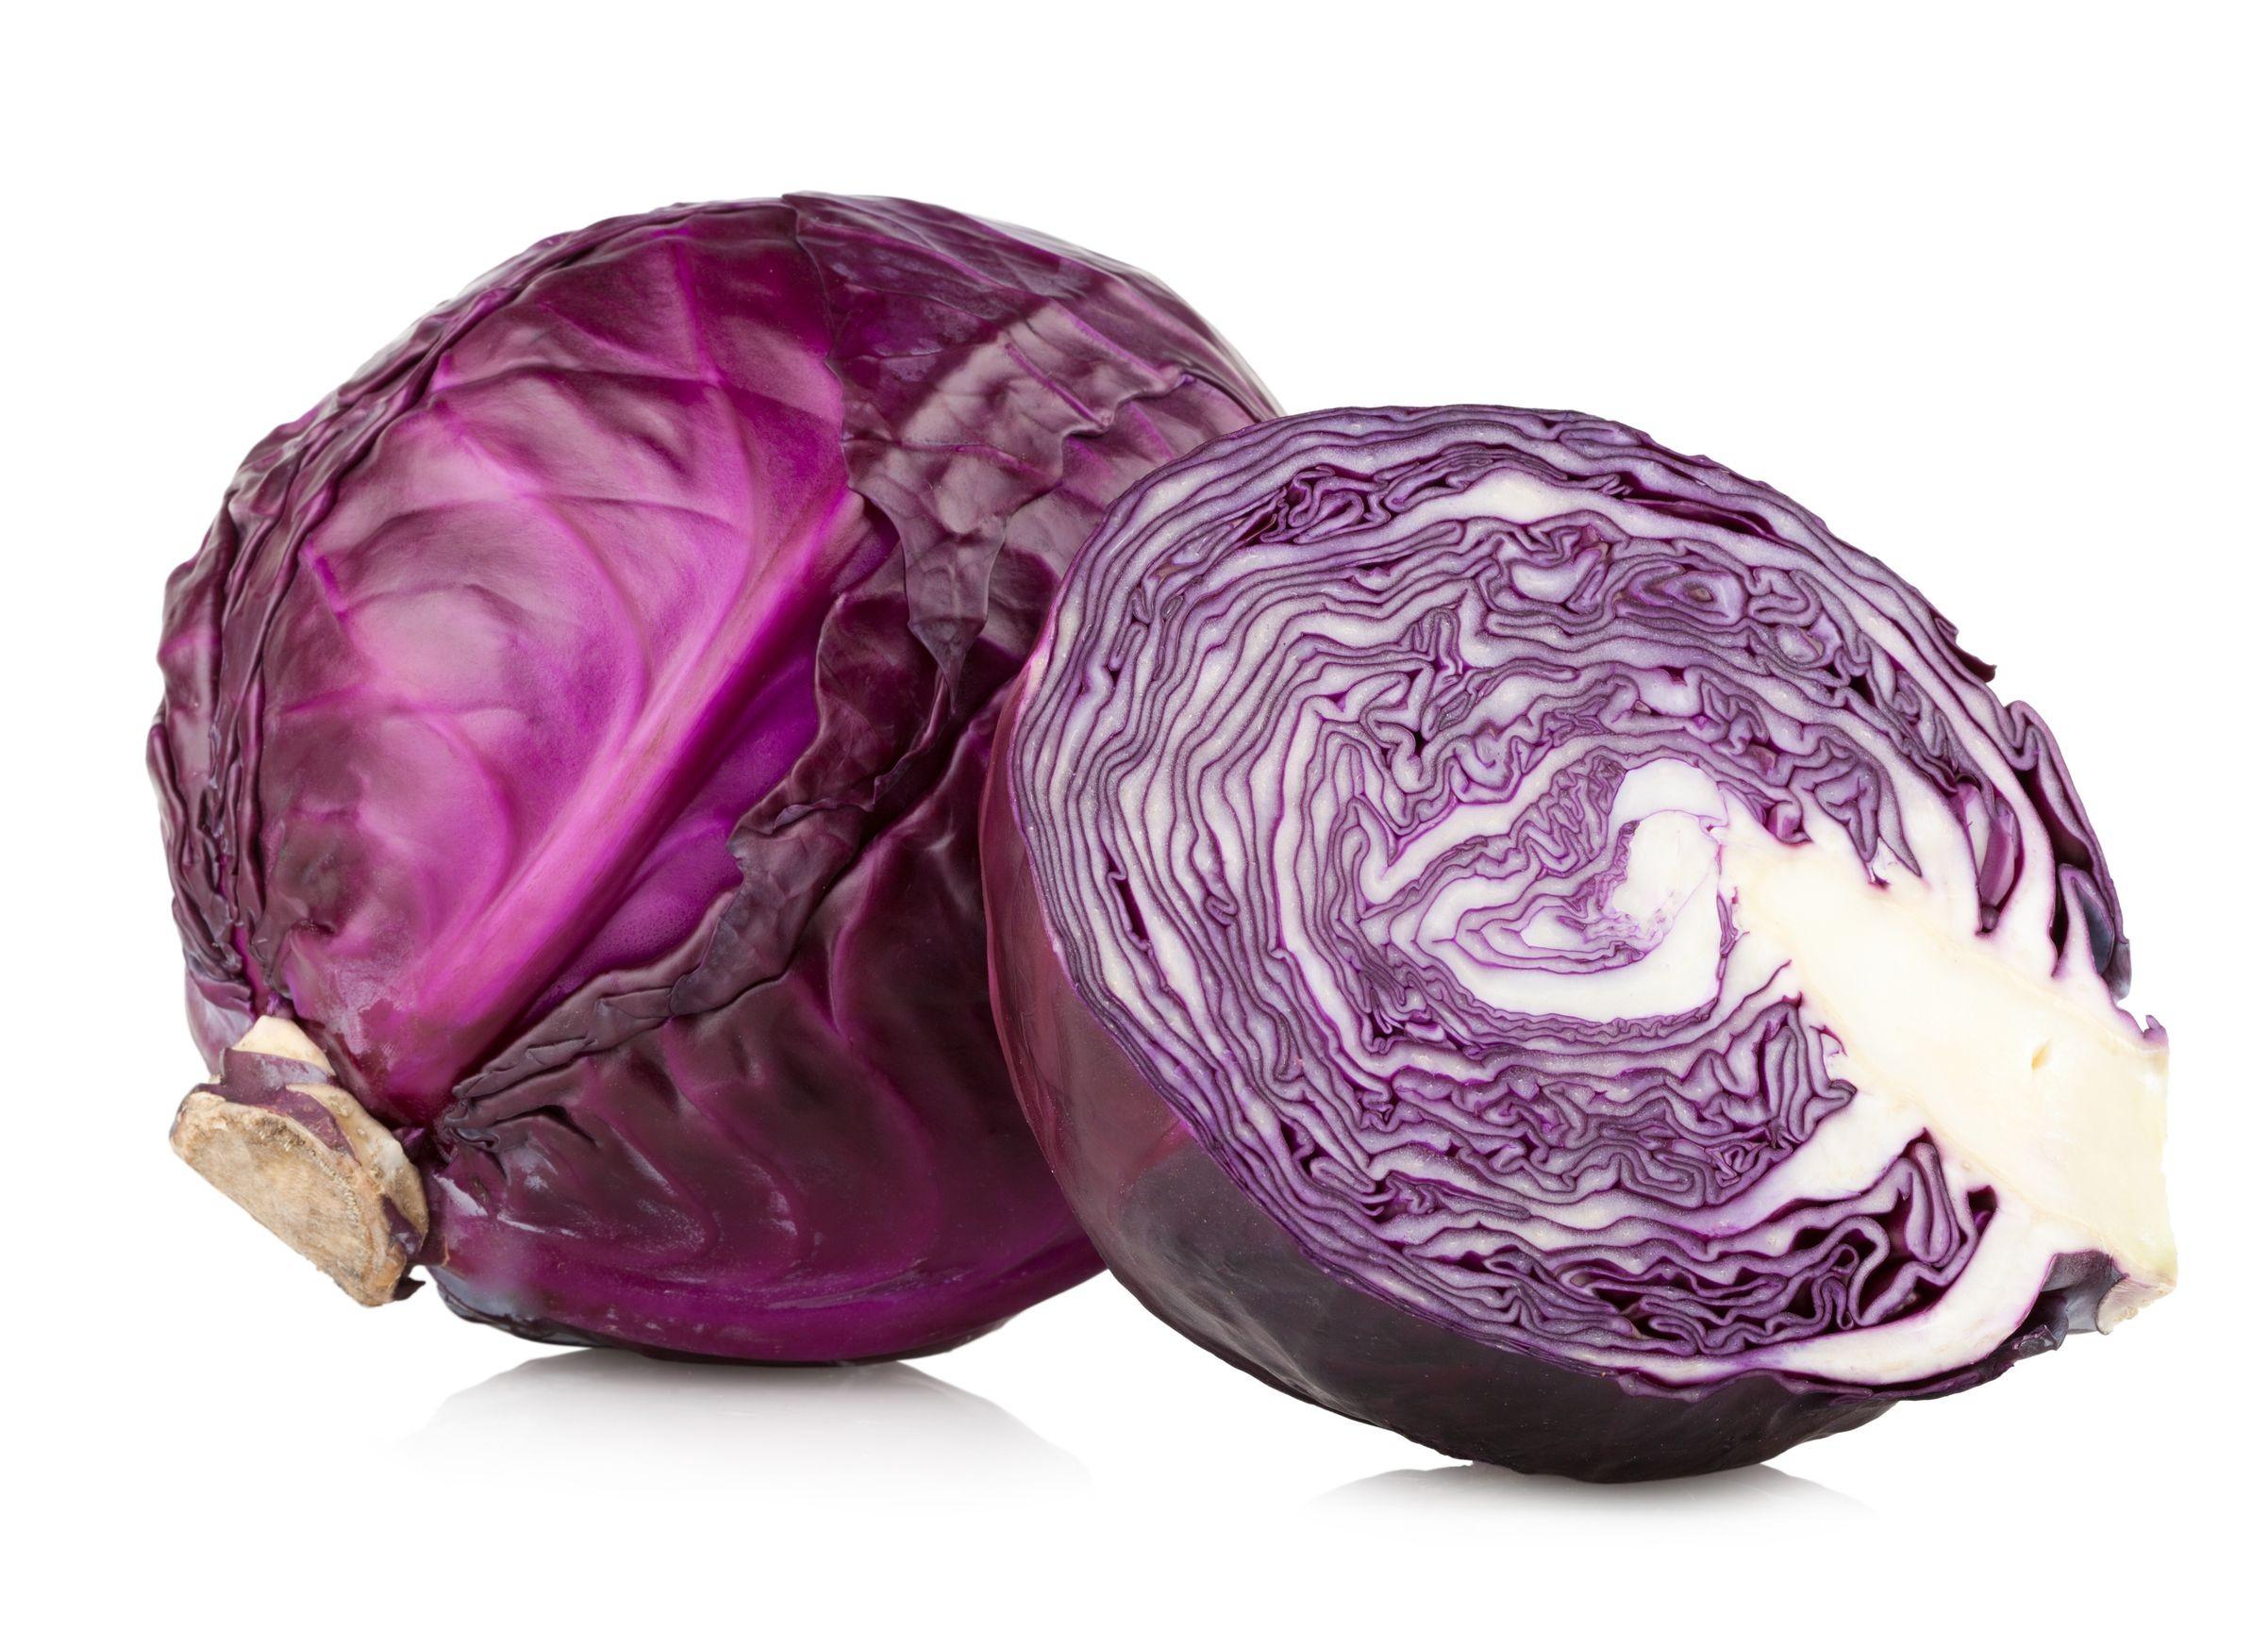 Preparaci n de las hortalizas repollo mundo bacteriano for Como cocinar col lombarda